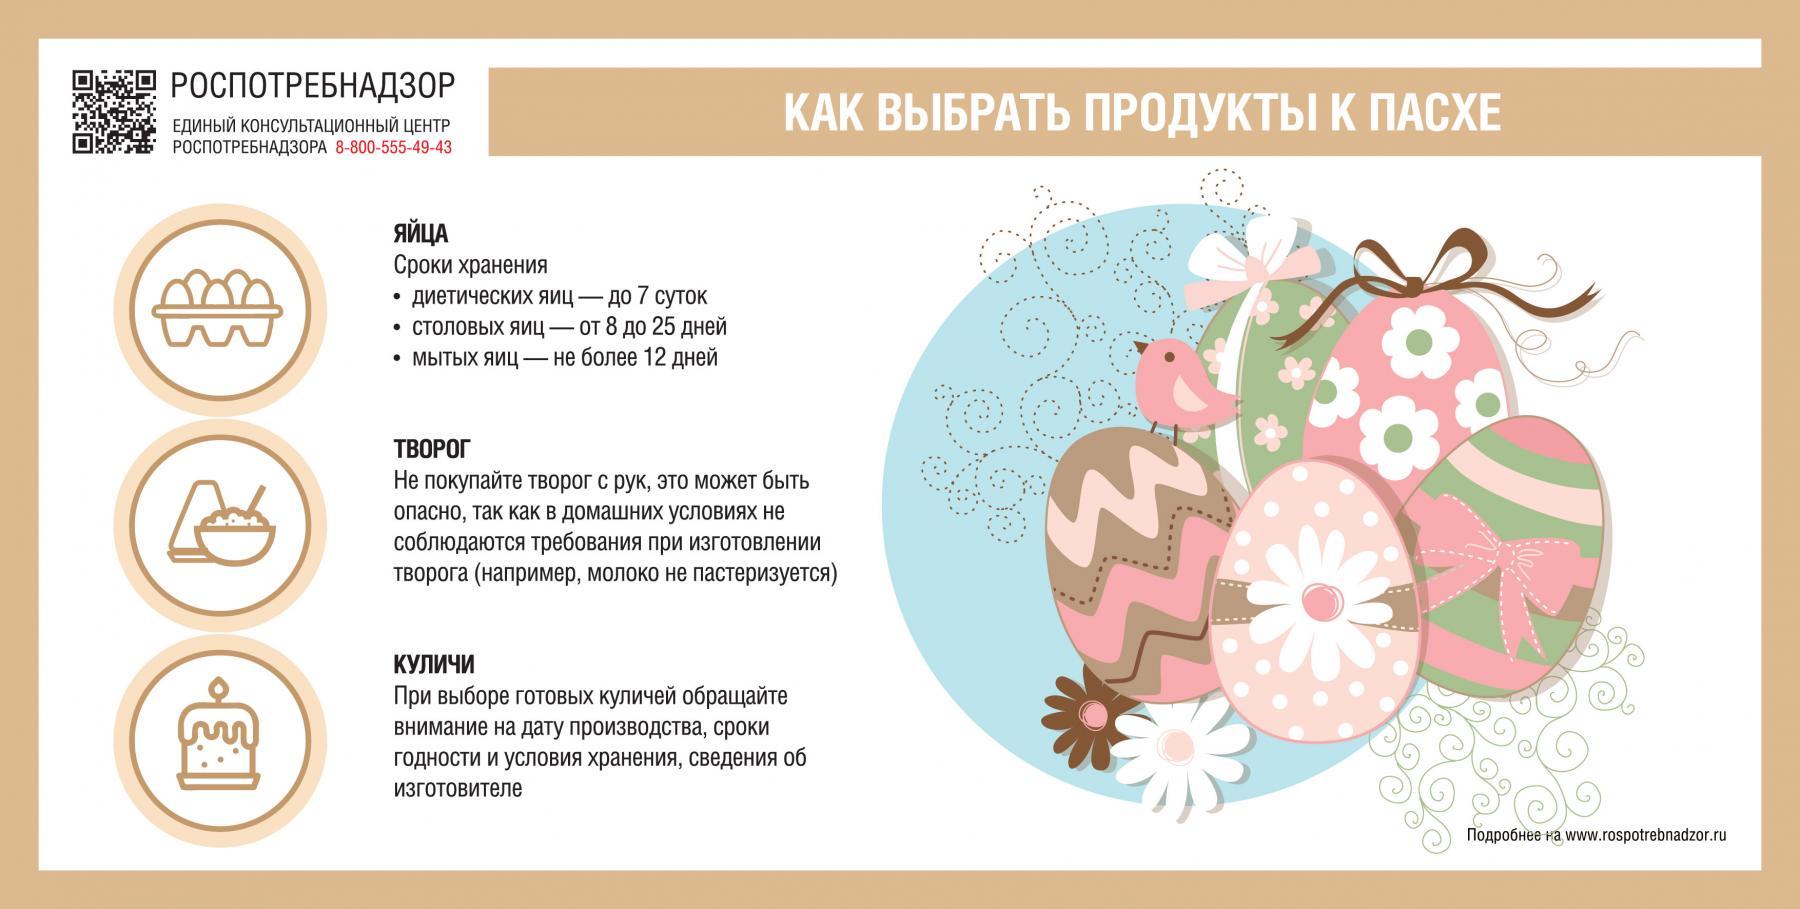 фото Правила выбора яиц и куличей к Пасхе назвали в Роспотребнадзоре 2